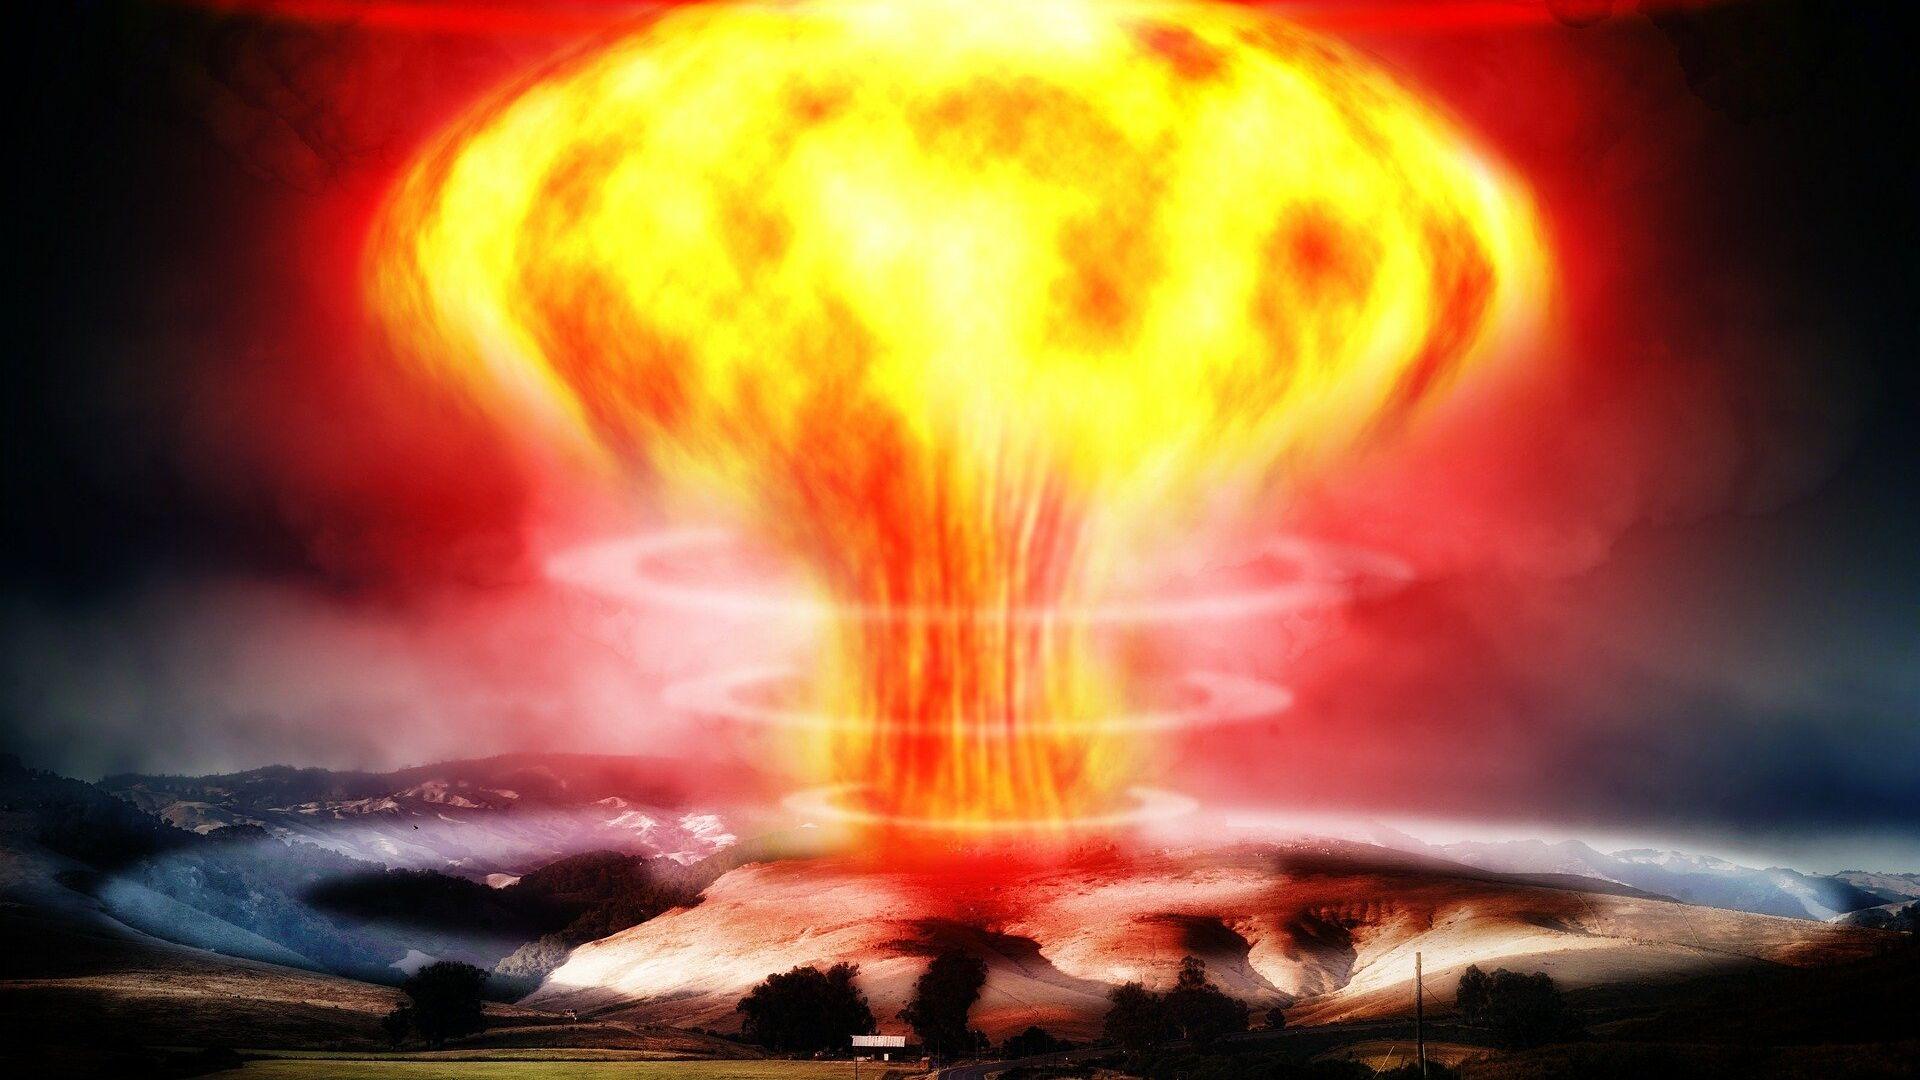 Una explosión nuclear (imagen referencial) - Sputnik Mundo, 1920, 04.08.2021